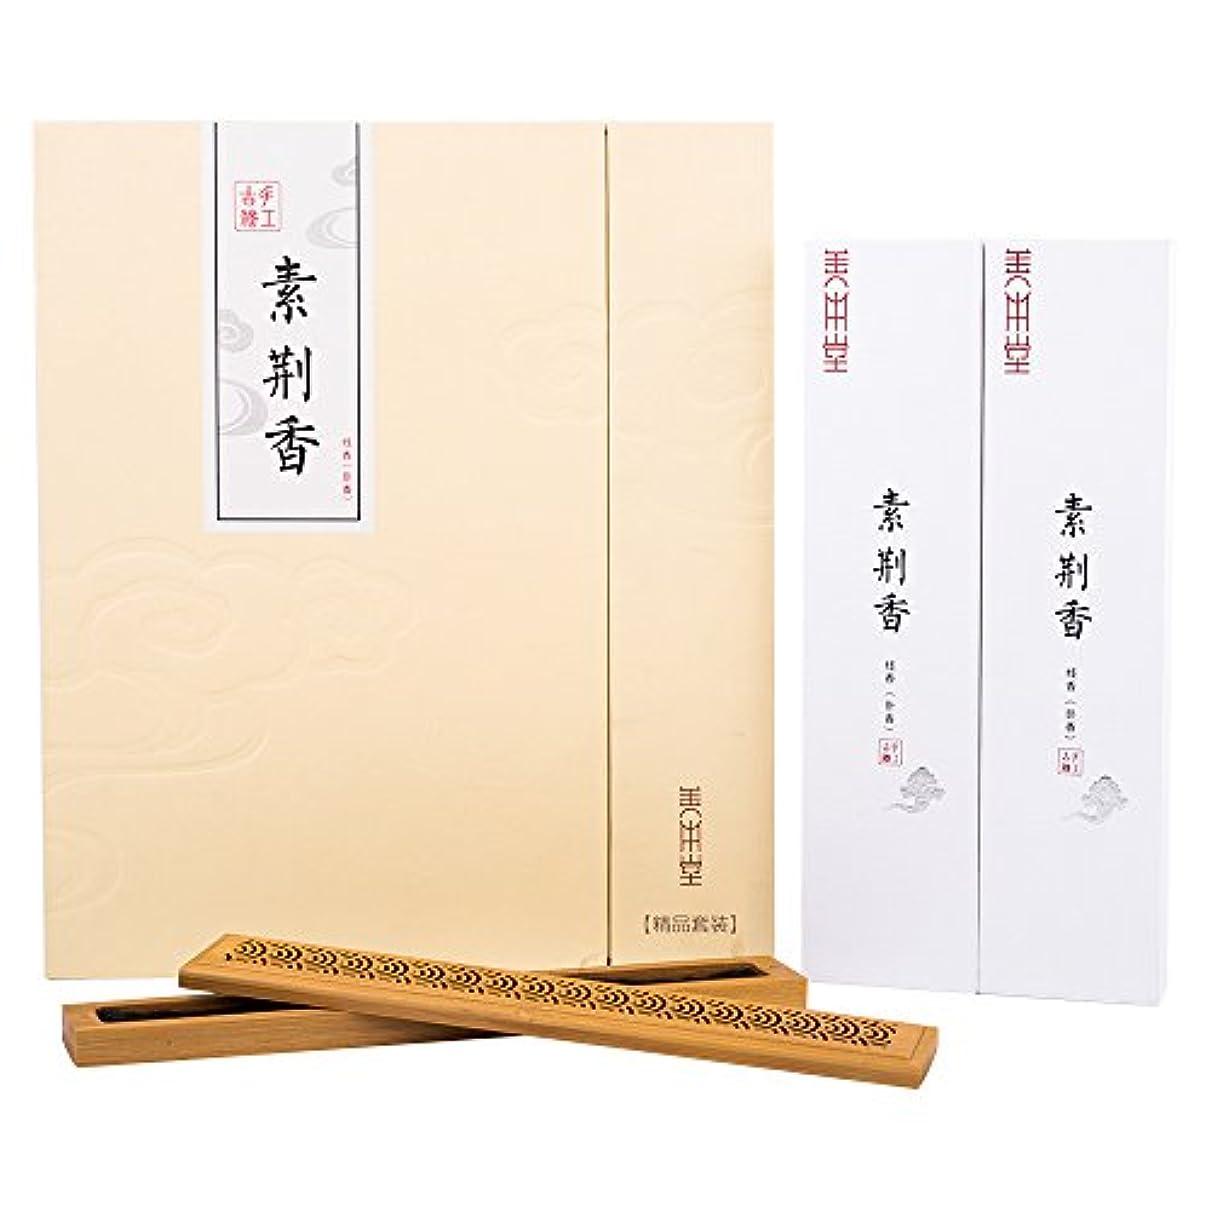 熱心な下線音shanbentang Incense Sticks、純粋な自然Incense Stickハンドメイド、NO化学追加され、プレミアムギフト梱包with Wooden Incense Burner